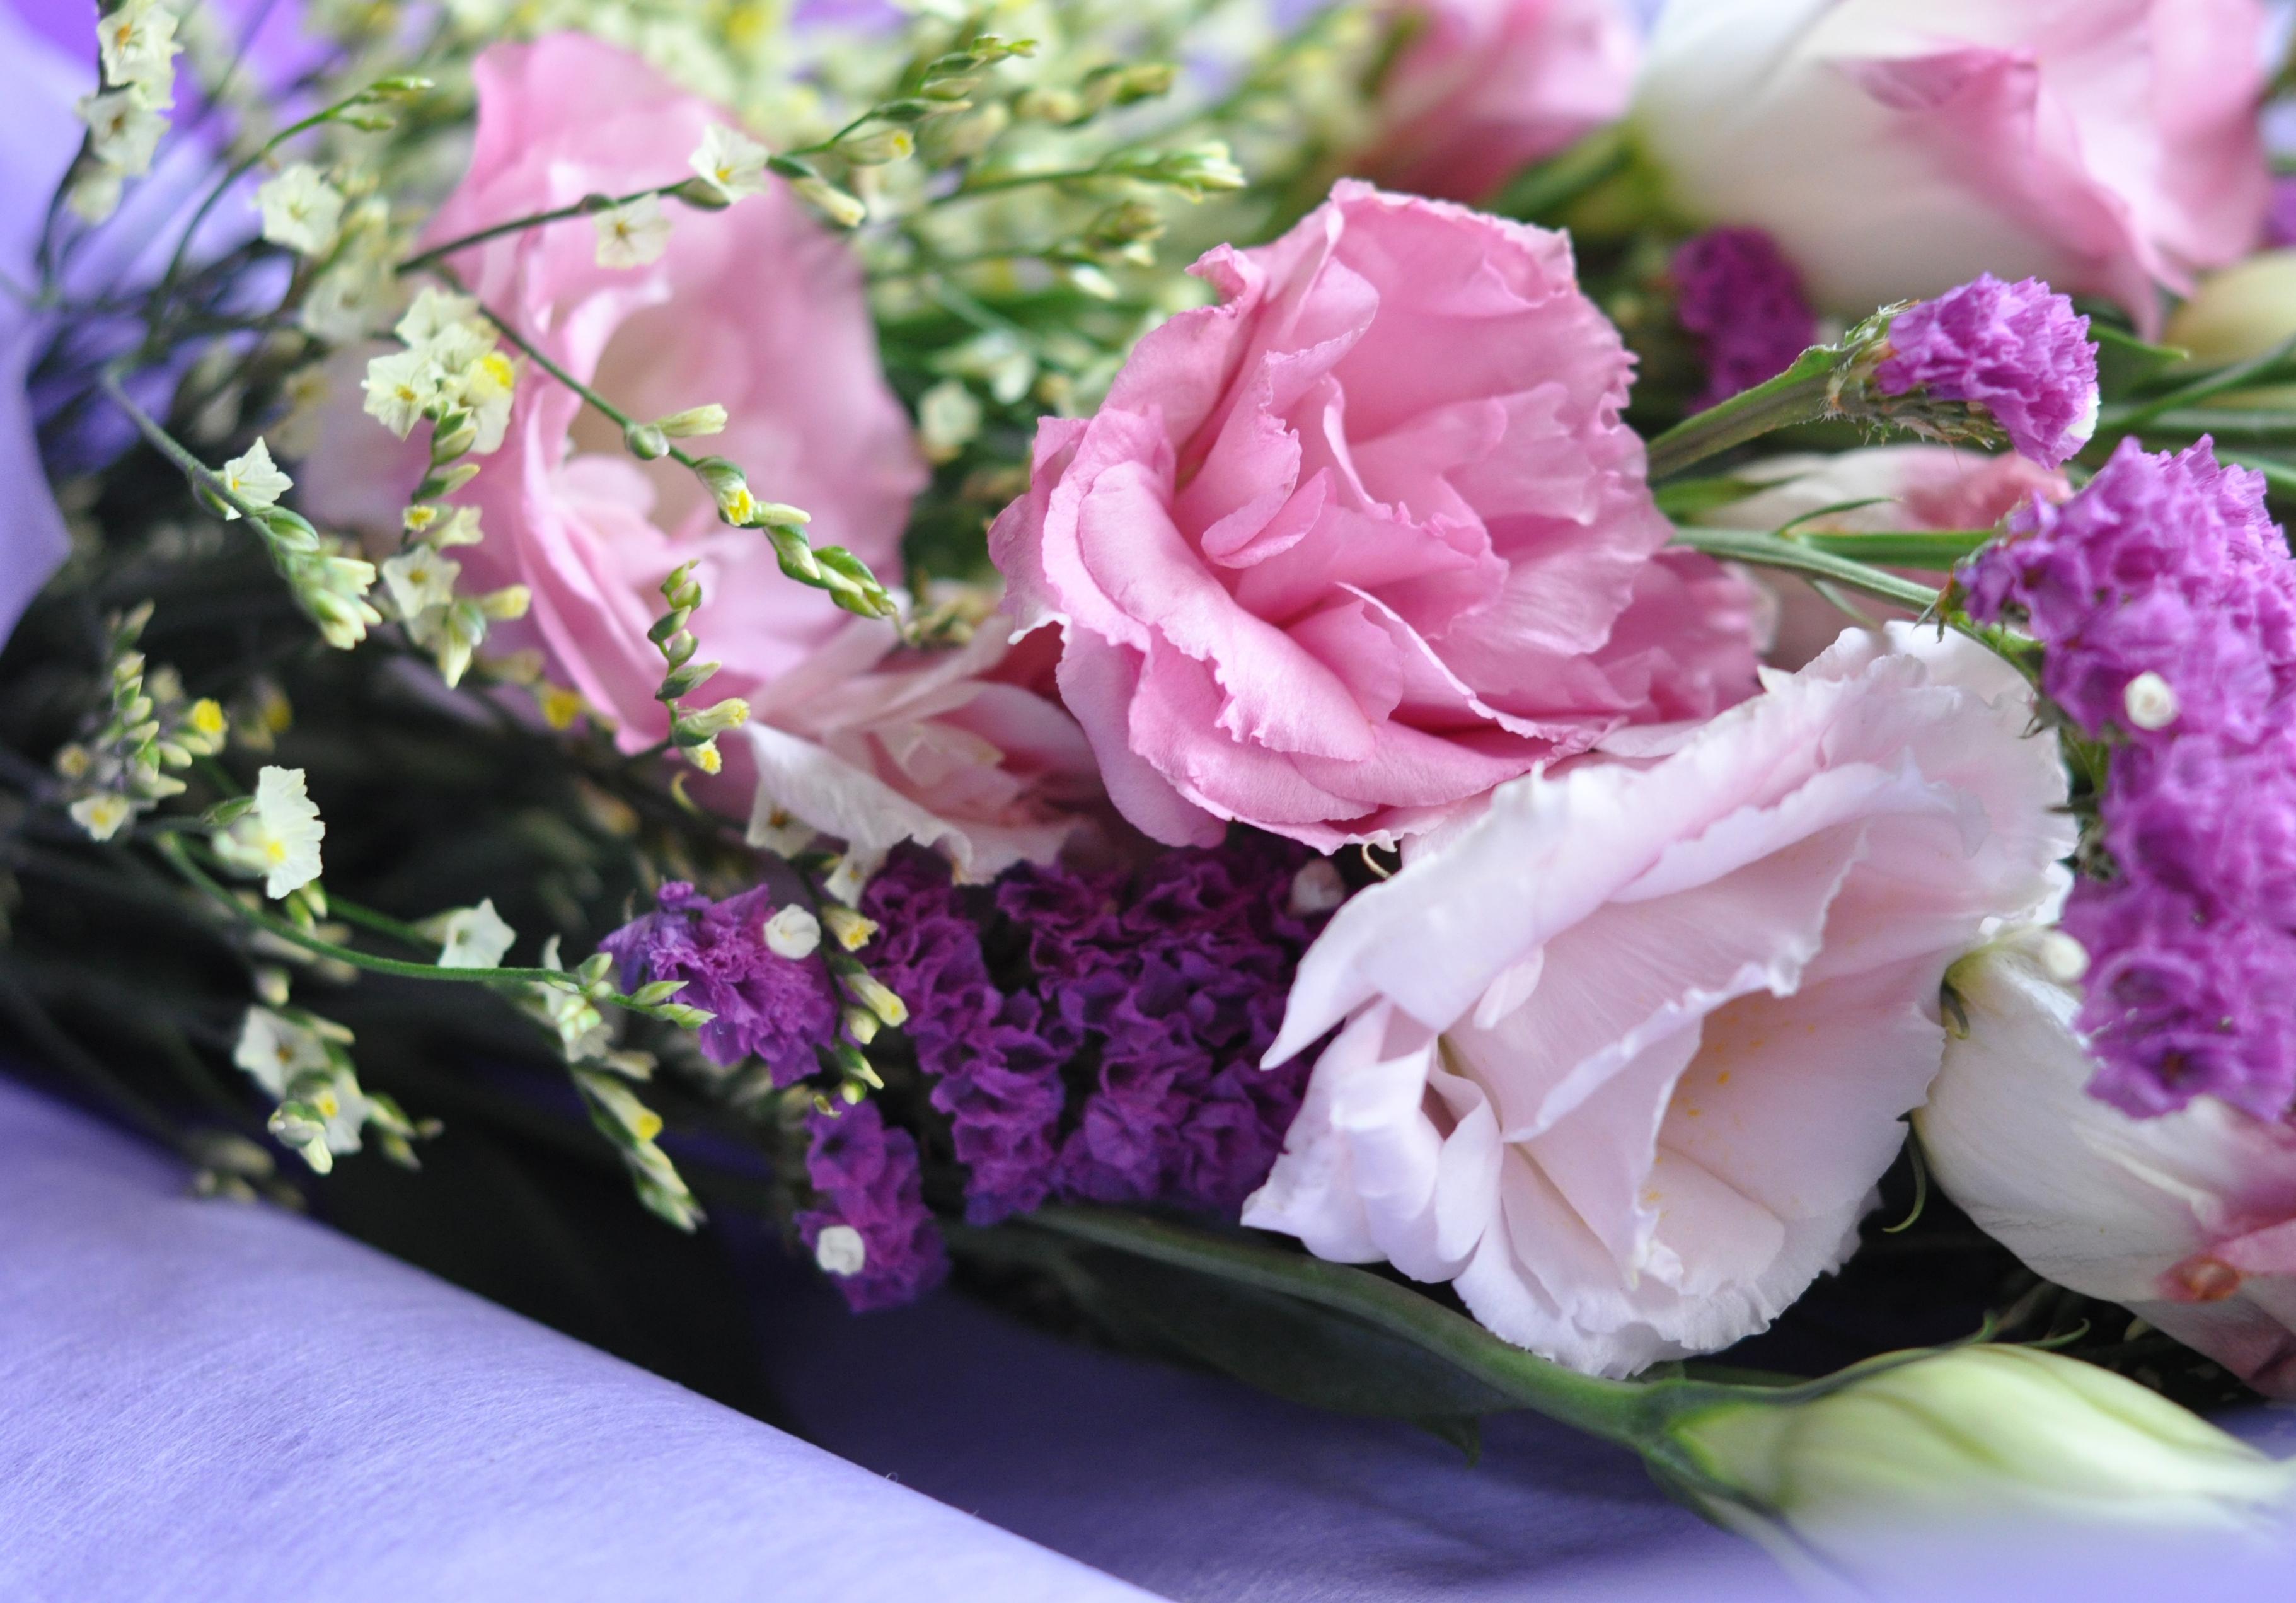 Цветок эхинацея. Эхинацея пурпурная. Выращивание эхинацеи